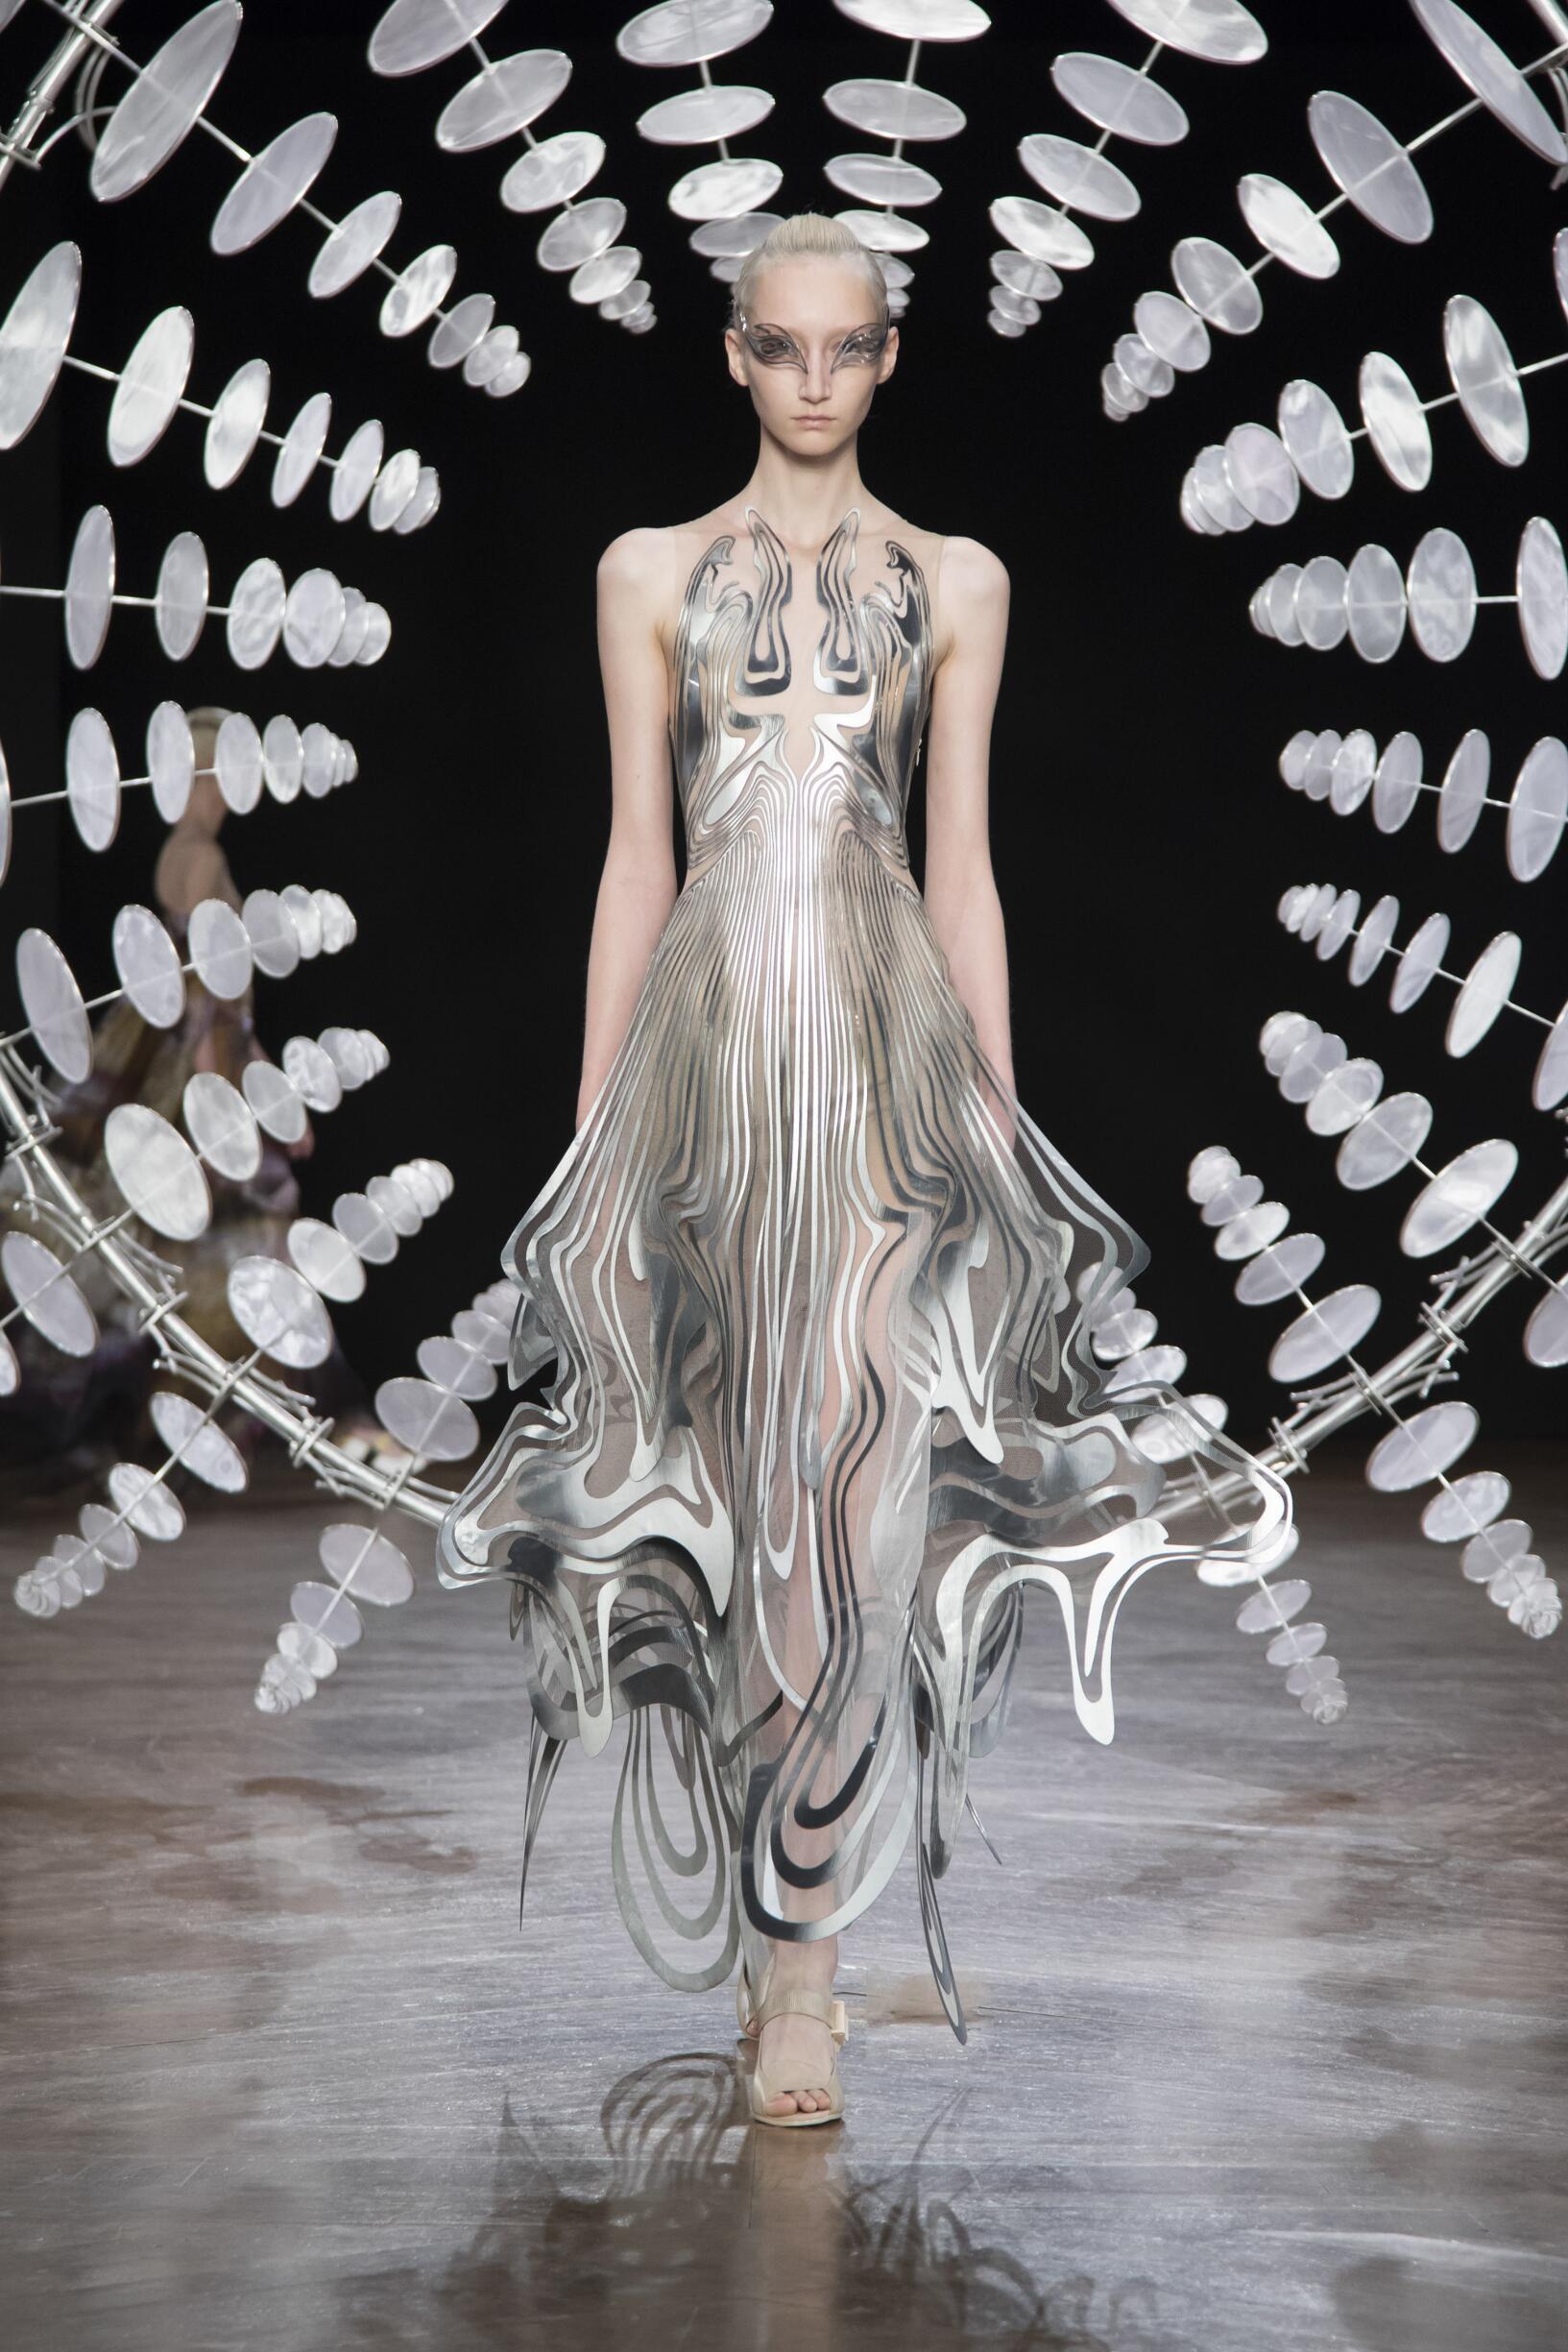 Iris van Herpen Haute Couture Women's Collection 2019-20